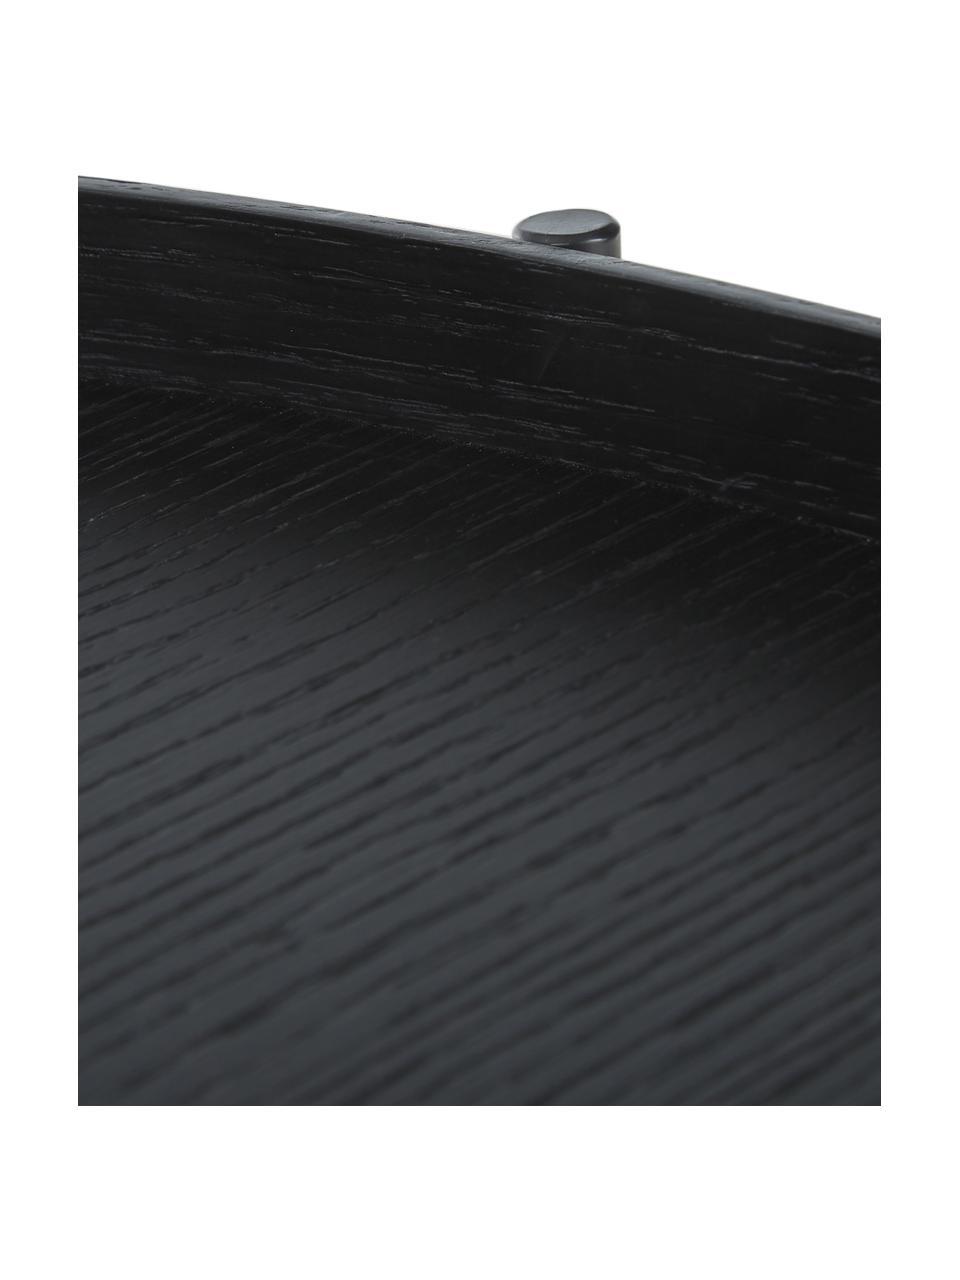 Grote houten salontafel Renee in zwart, Frame: Gepoedercoat metaal, Tafelbladen: zwart. Frame: mat zwart, Ø 90 x H 39 cm